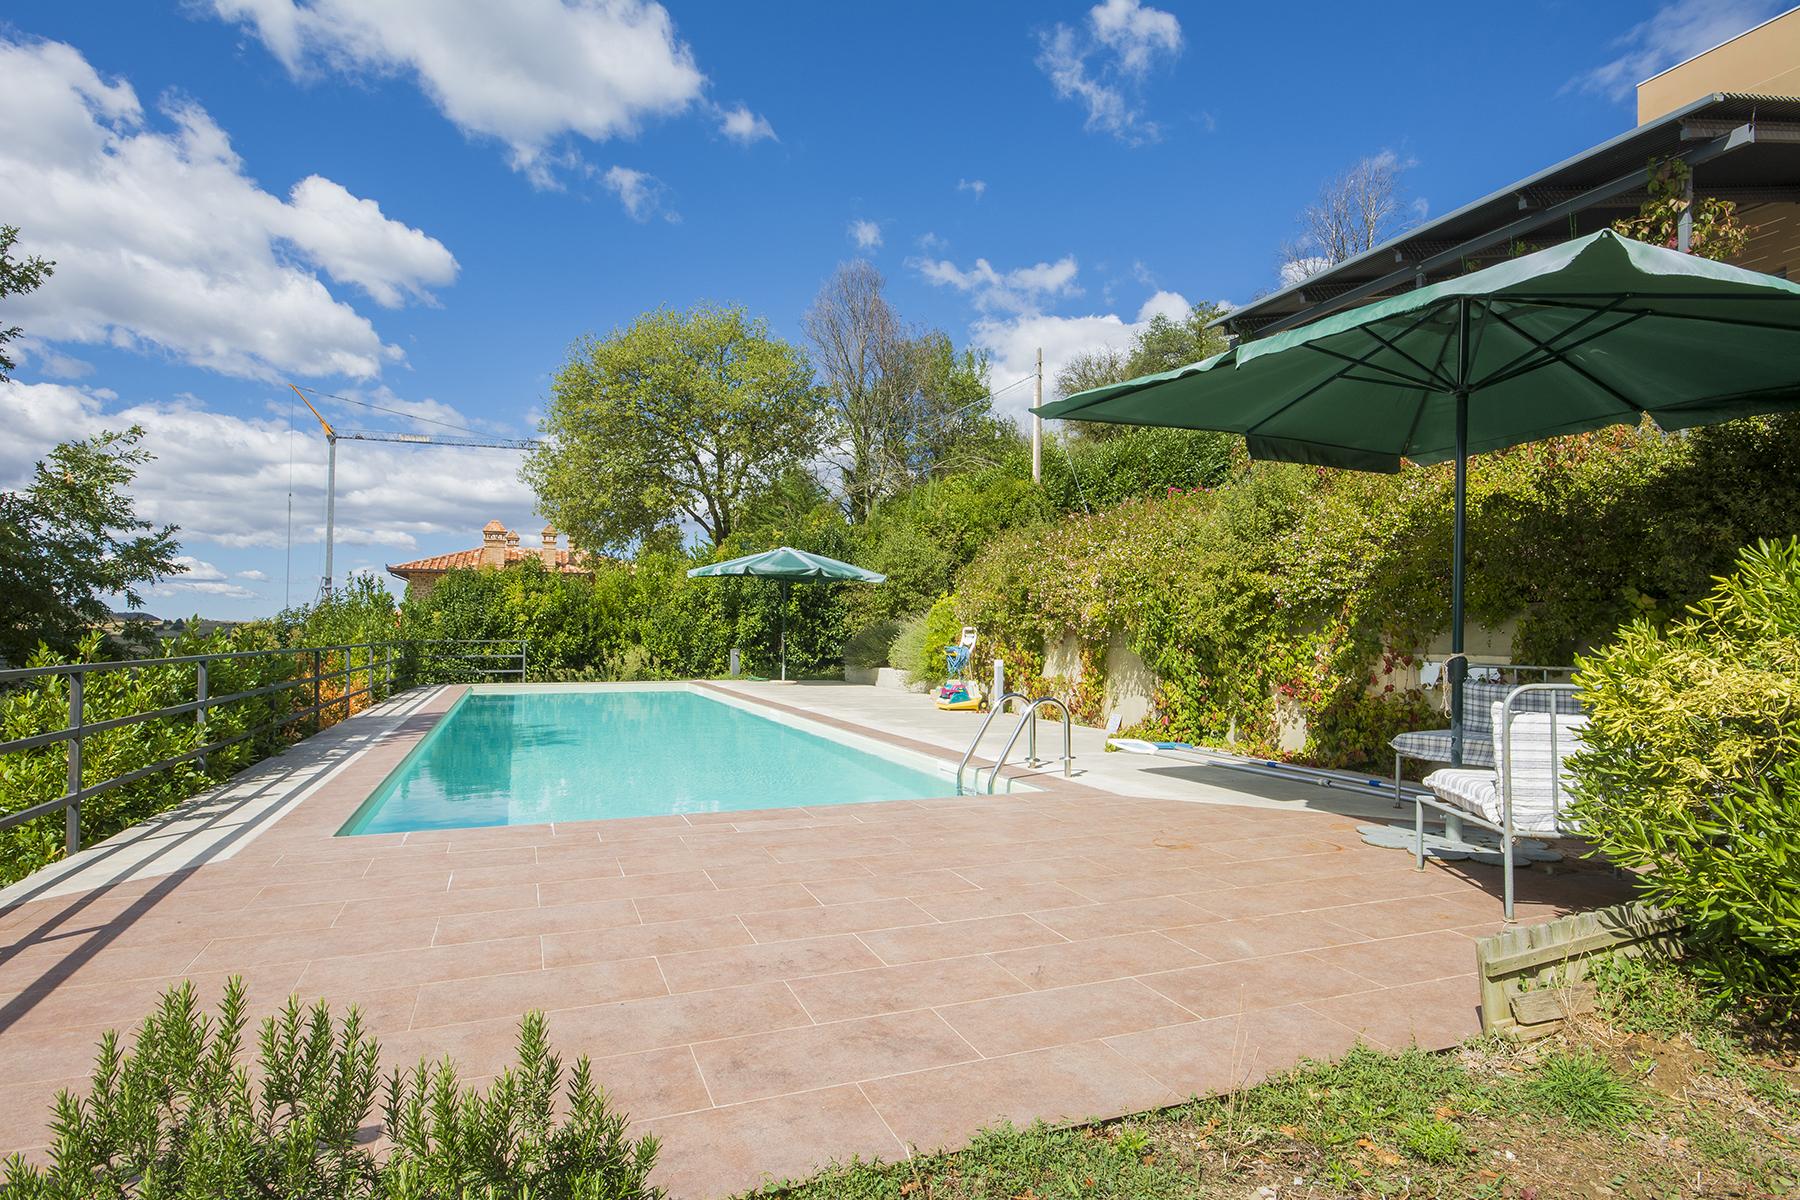 Casa indipendente in Vendita a Lisciano Niccone: 5 locali, 414 mq - Foto 9